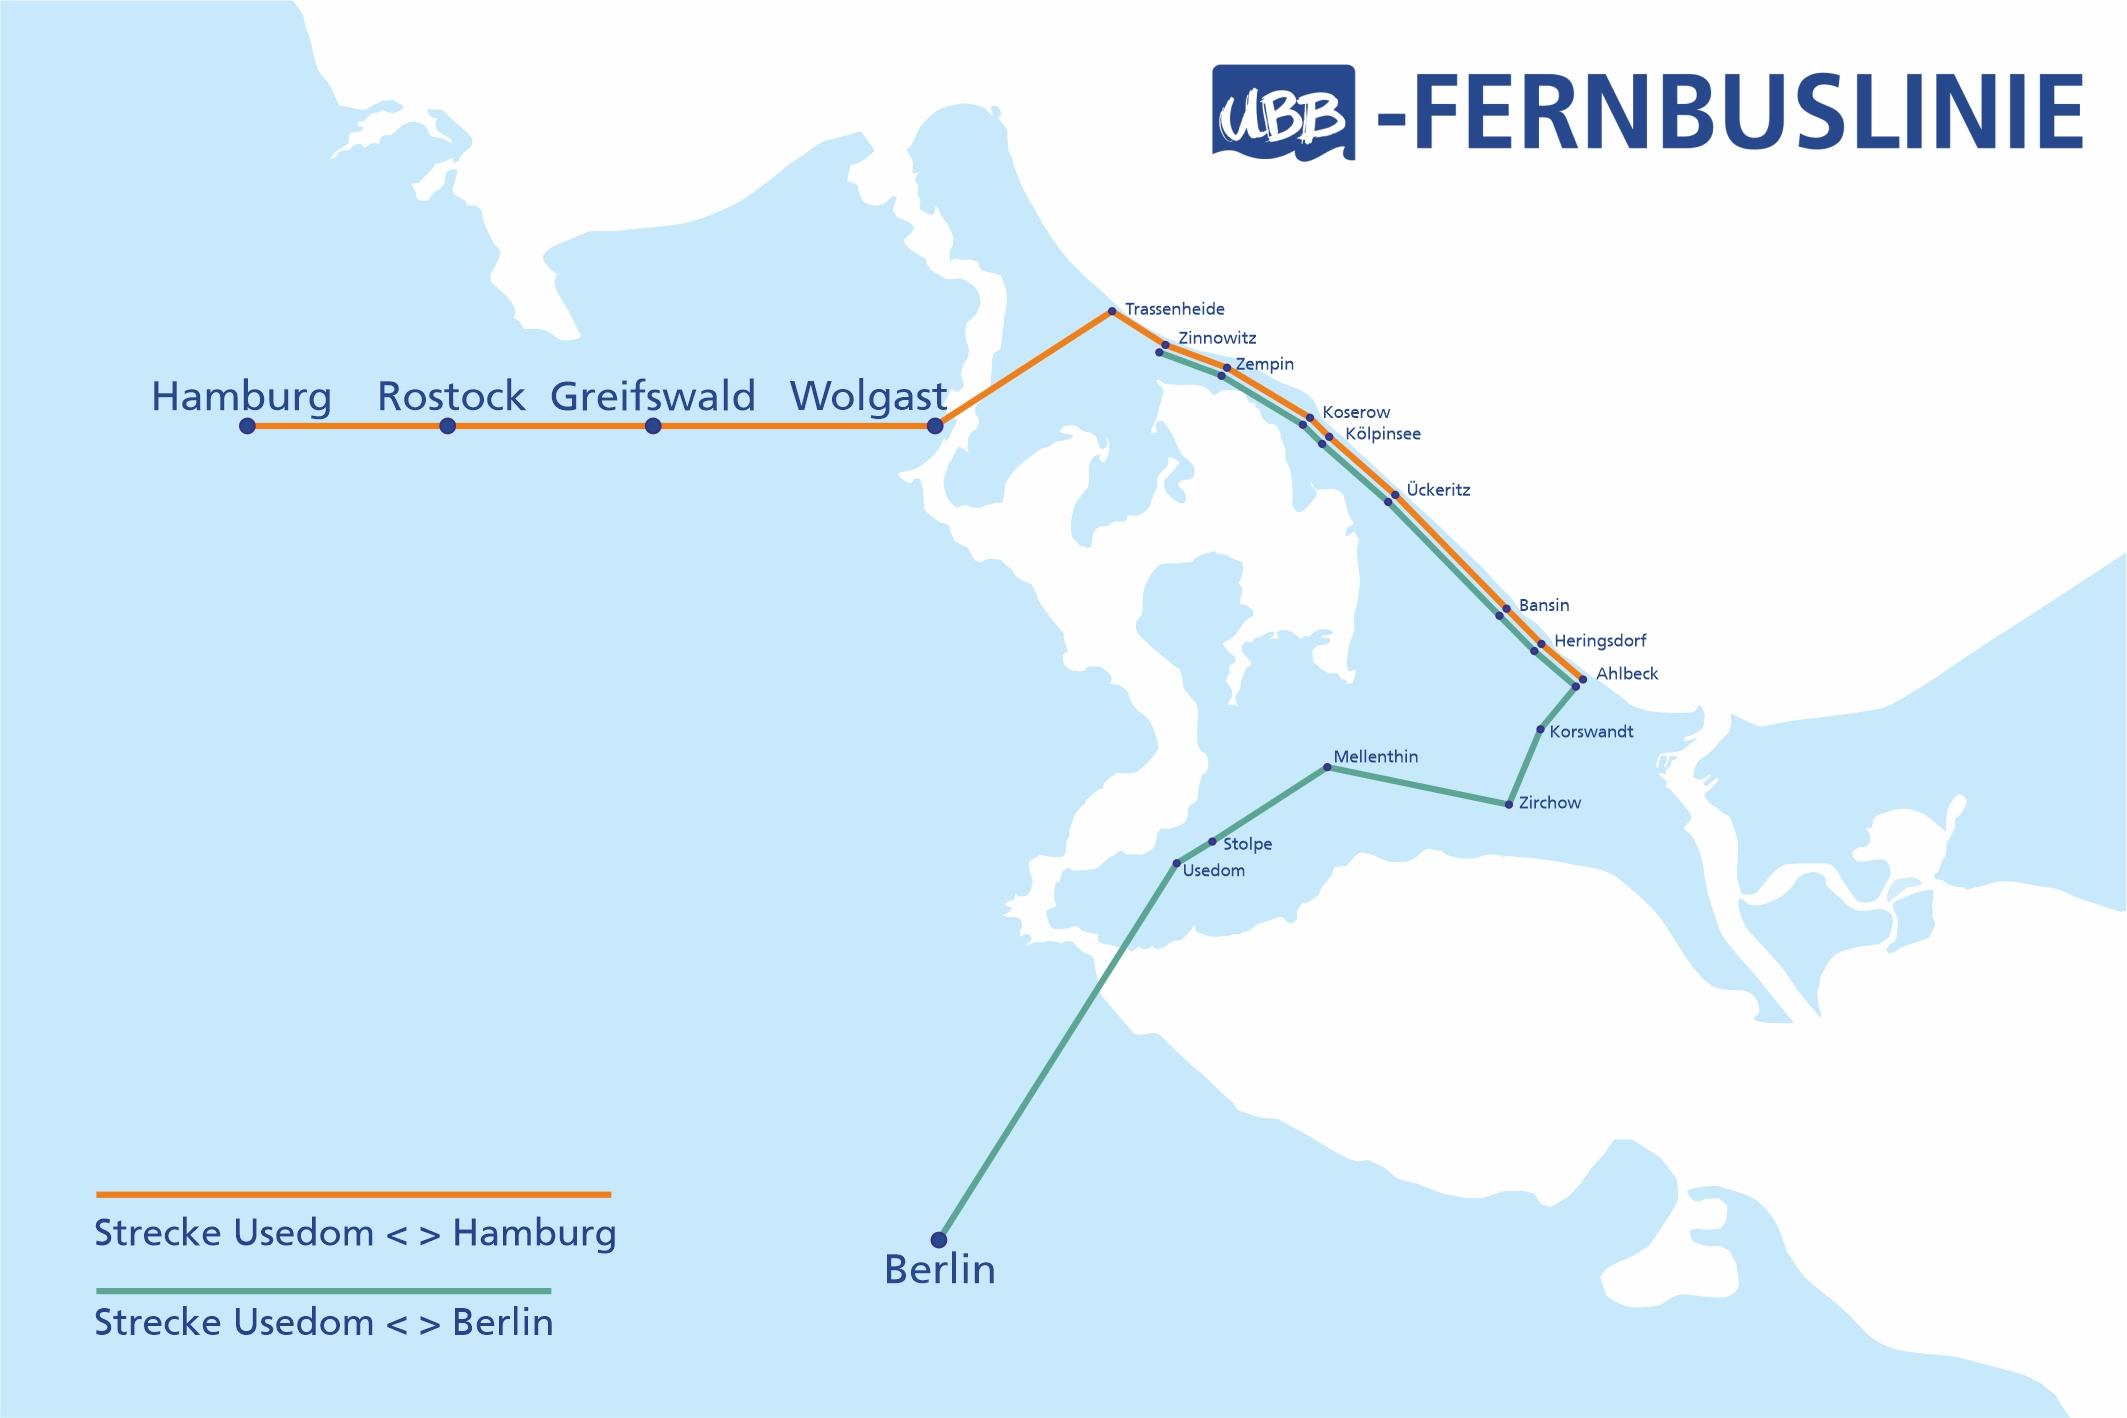 UBB Fernbus Liniennetz